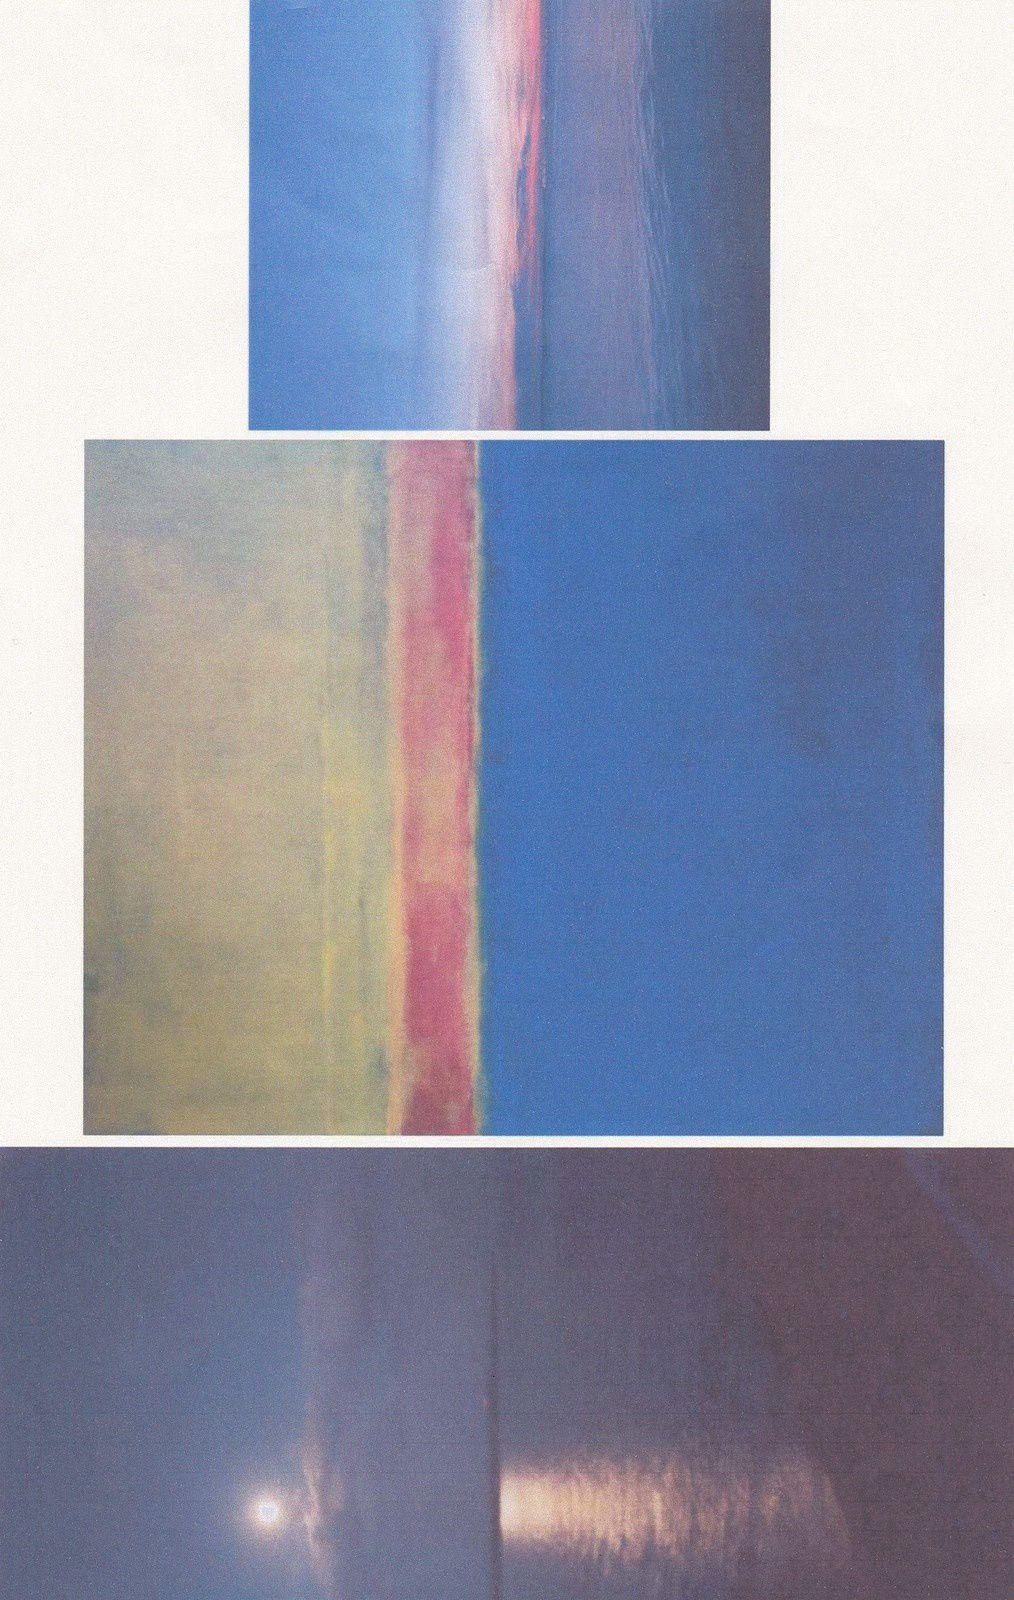 Escaut - Rothko - Escaut